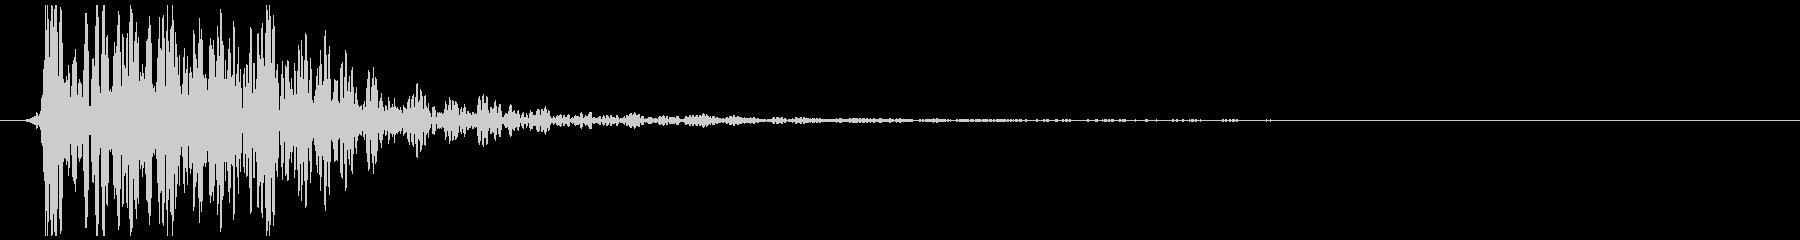 煙玉、爆発など 低い(ボワン)の未再生の波形